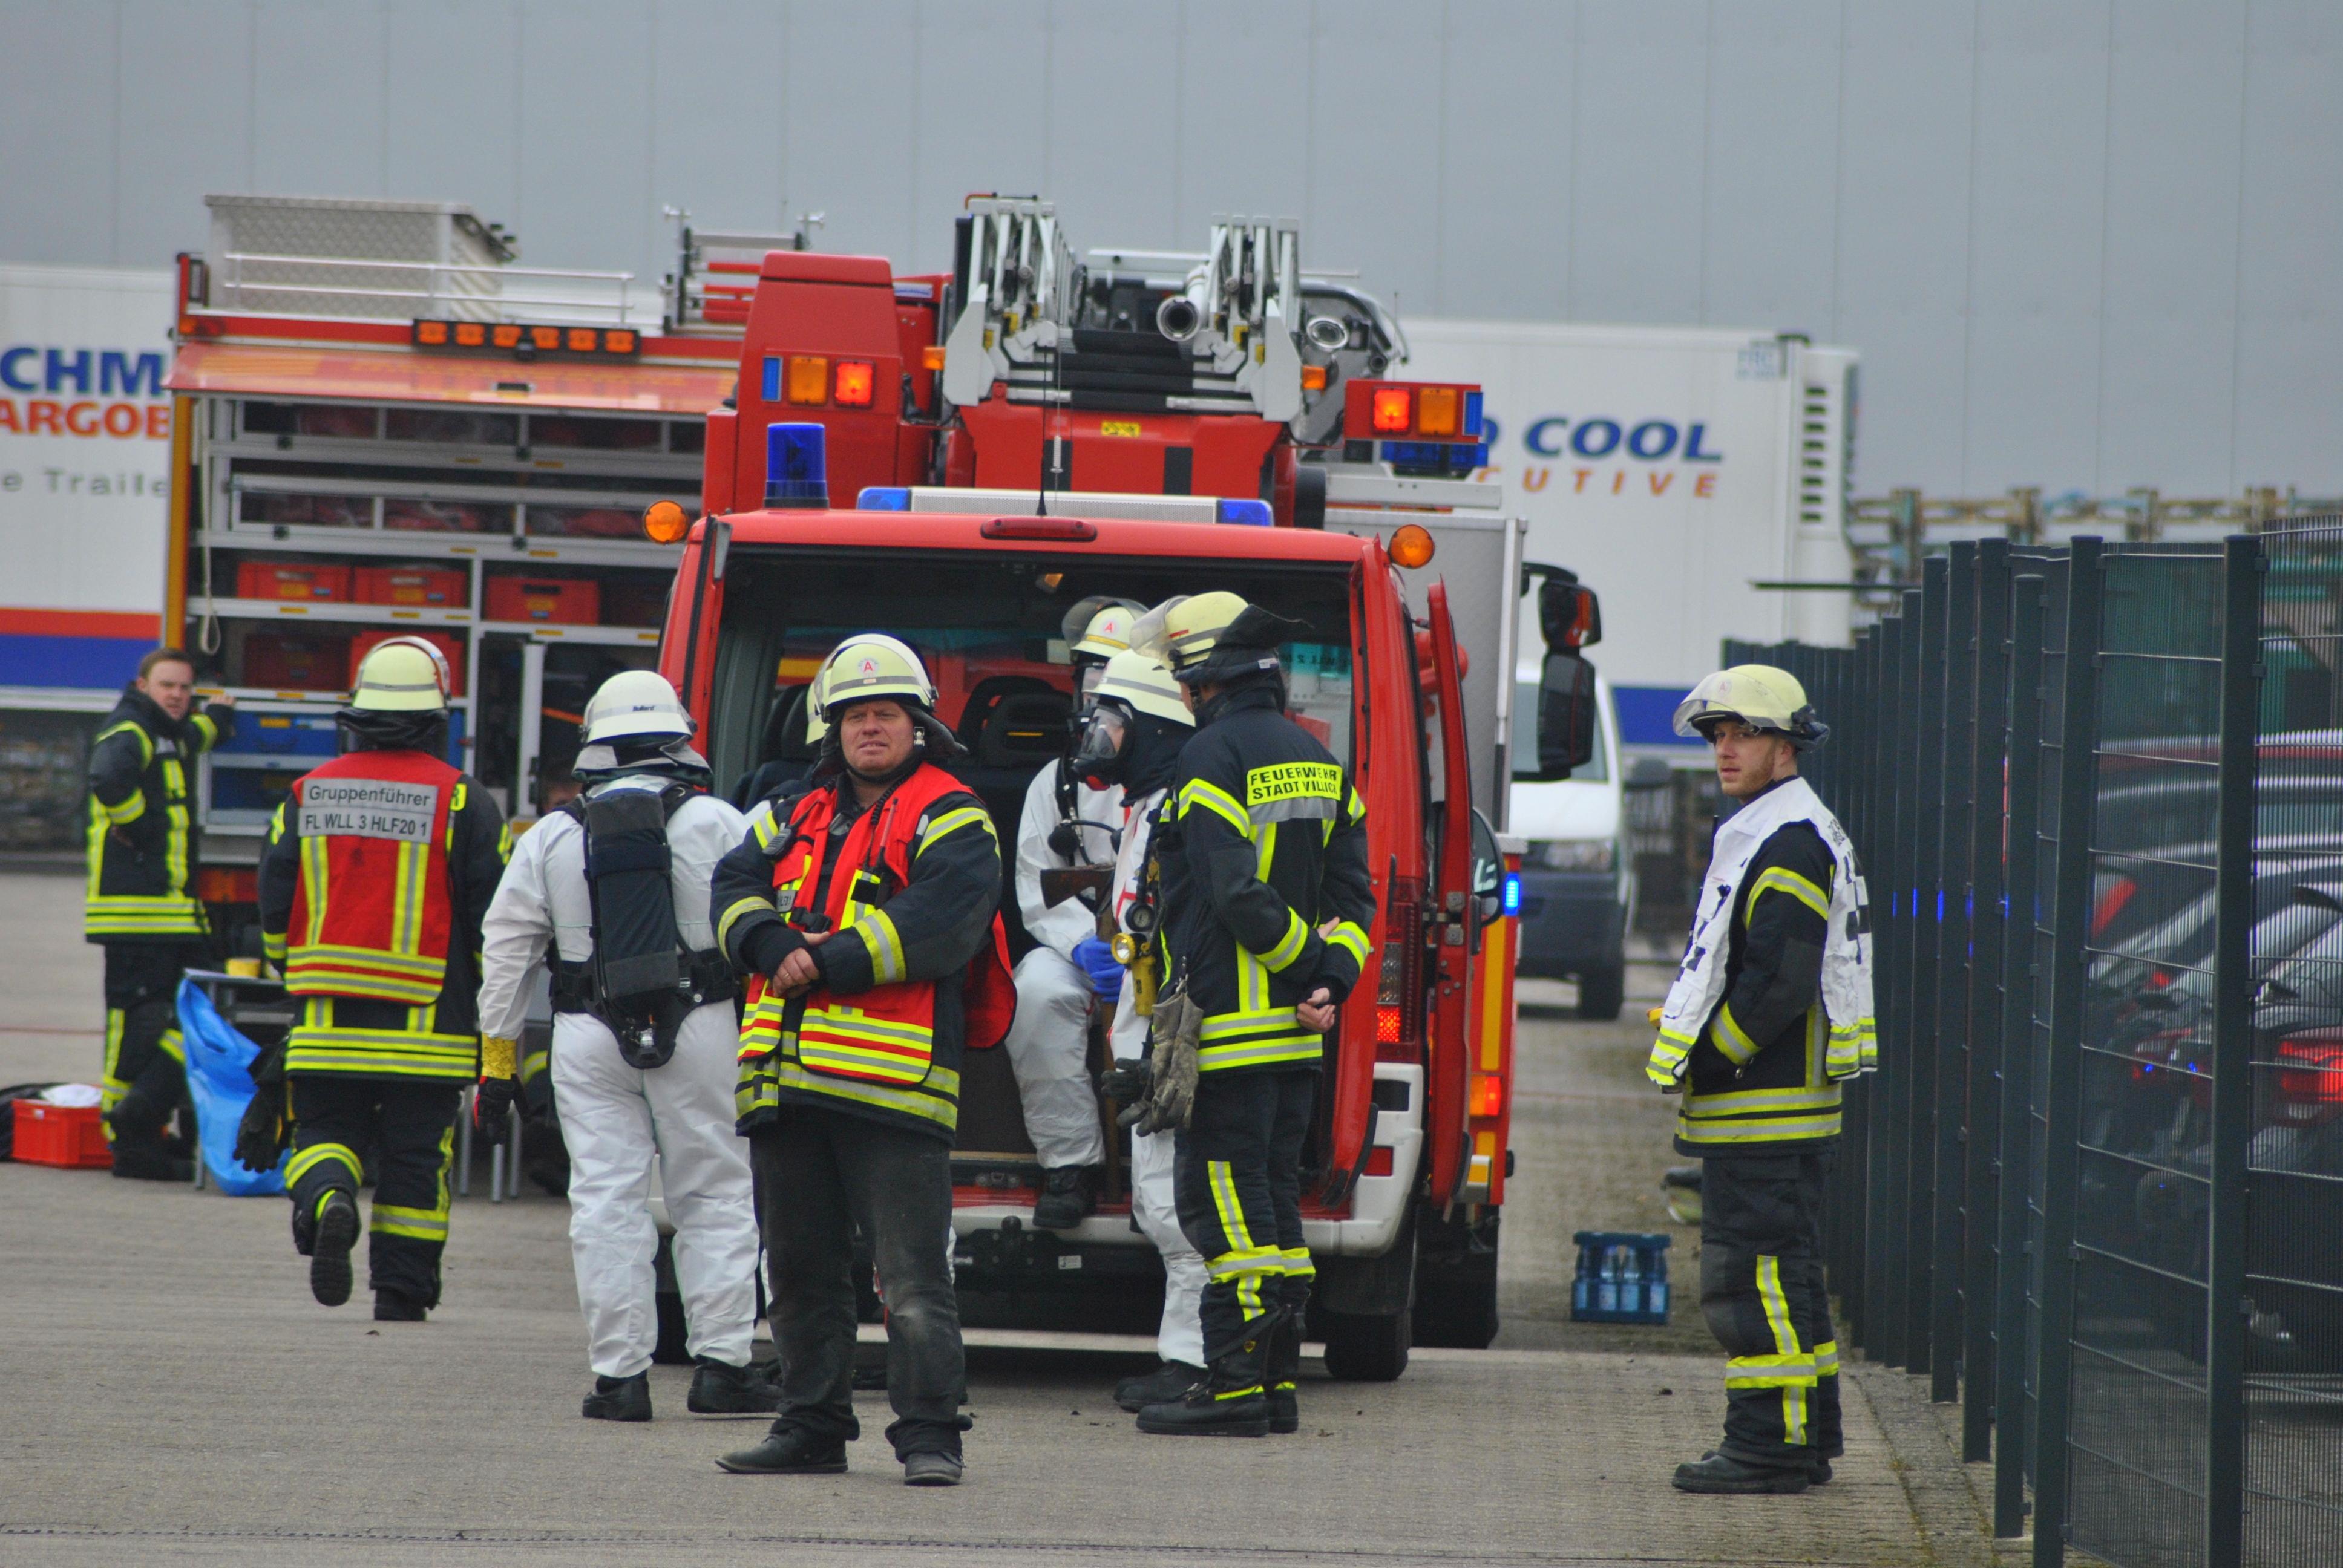 VIE-Willich – 15.03.16: Chemische Reaktion 11 Mitarbeiter leicht verletzt